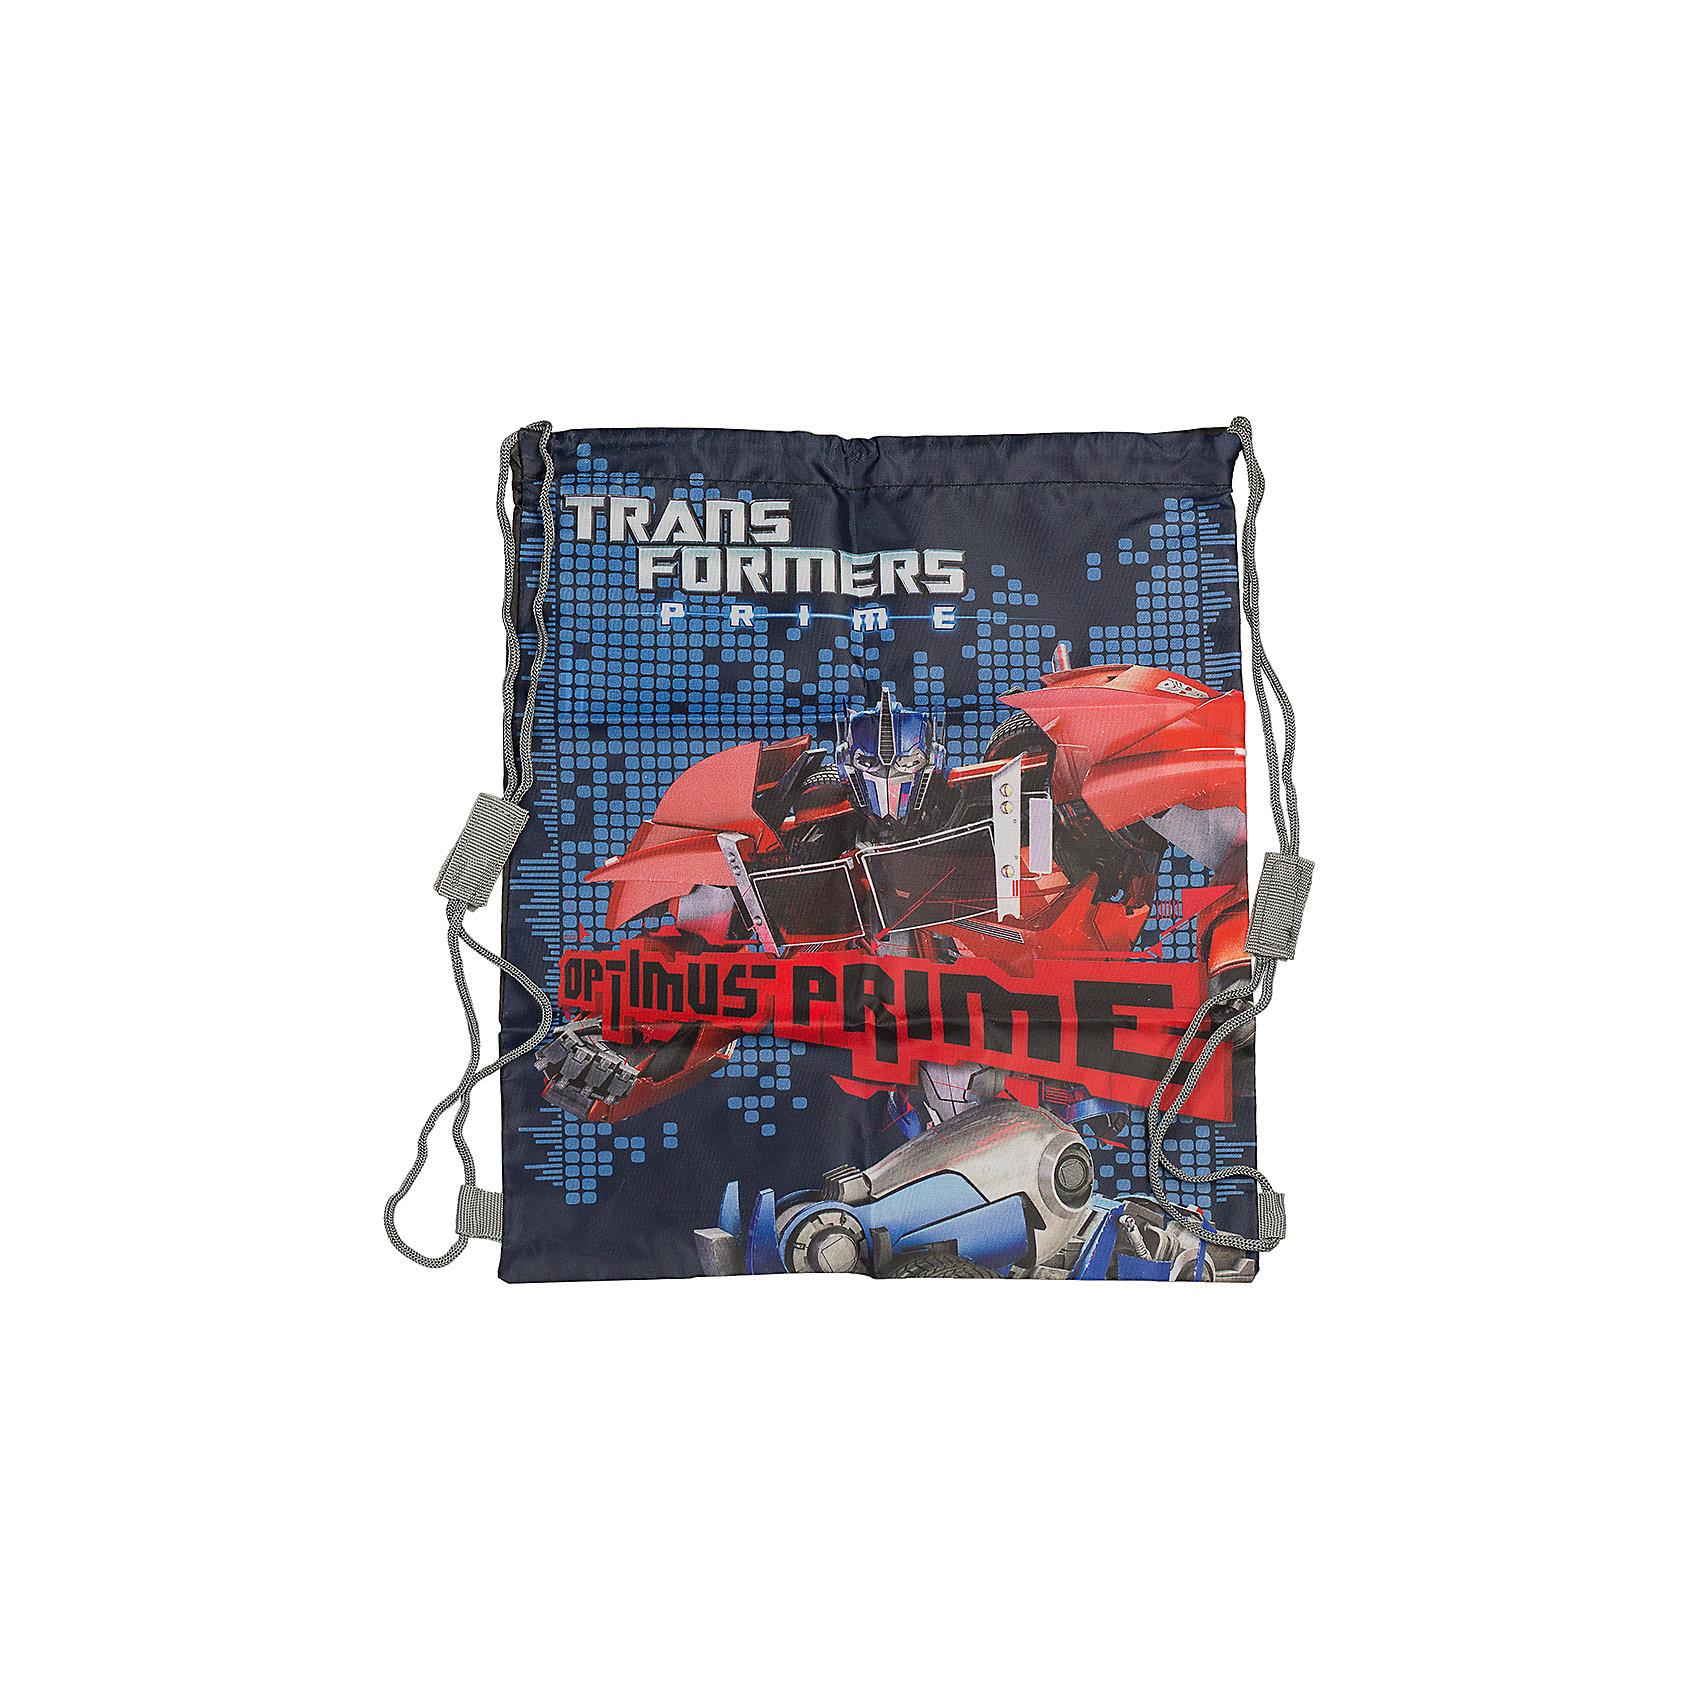 Академия групп Сумка-рюкзак для обуви, Трансформеры мешок для обуви академия групп transformers 43 34см trbb ut1 883